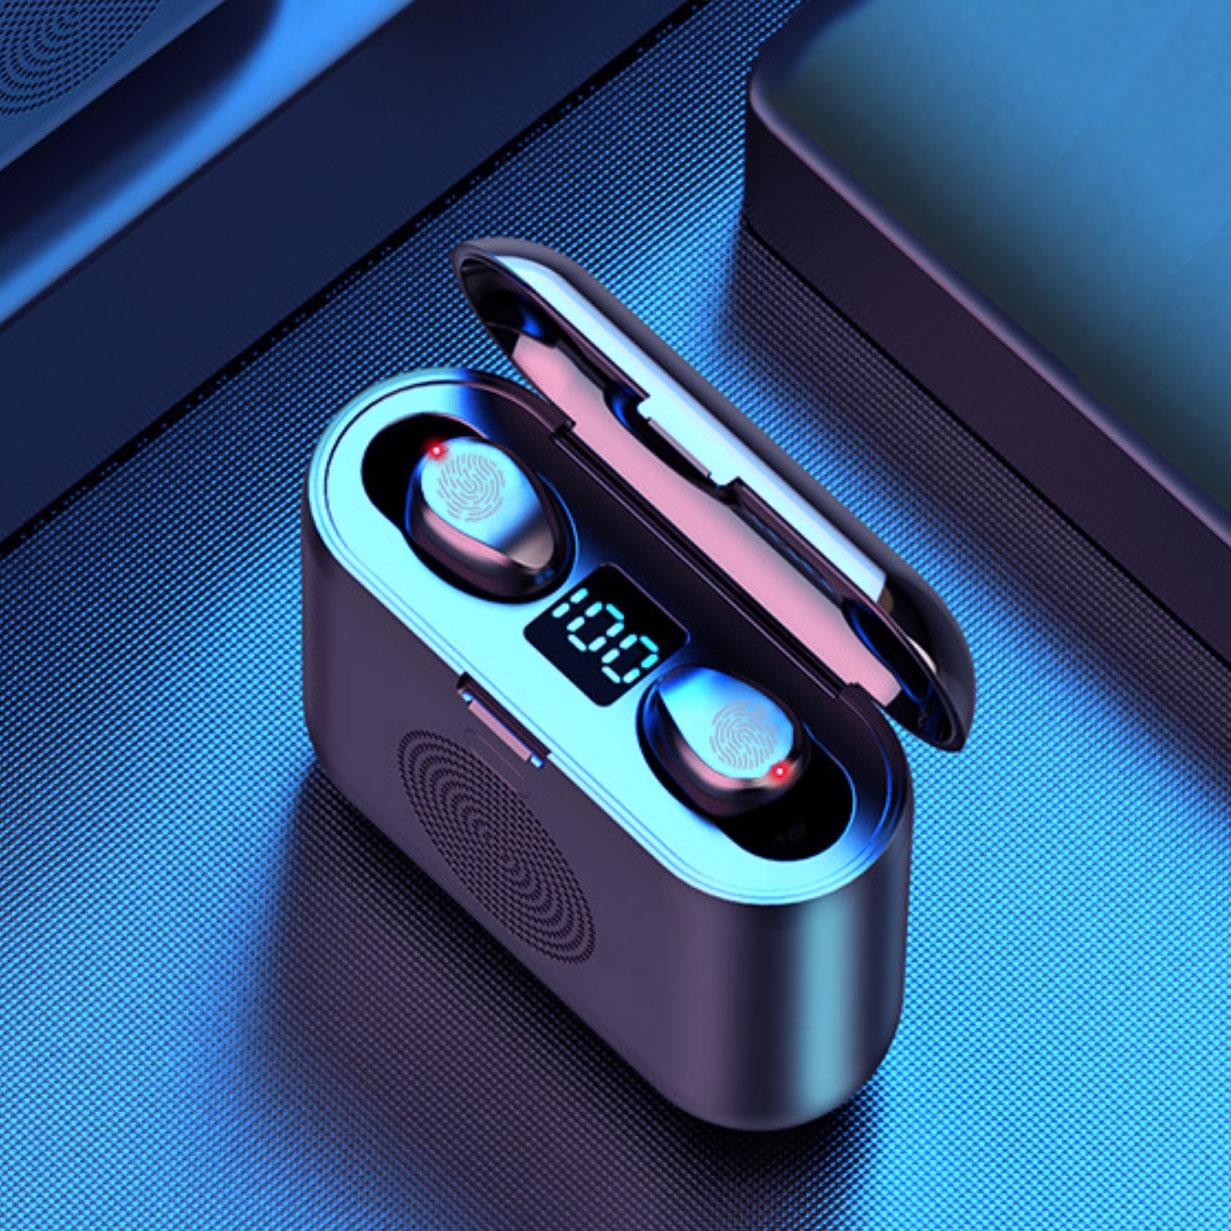 Tai nghe không dây F9 V5.0 KIÊM LOA DI ĐỘNG Bluetooth và PIN SẠC DỰ PHÒNG 2000mAh, tích hợp giá đỡ điện thoại - Hàng chính hãng